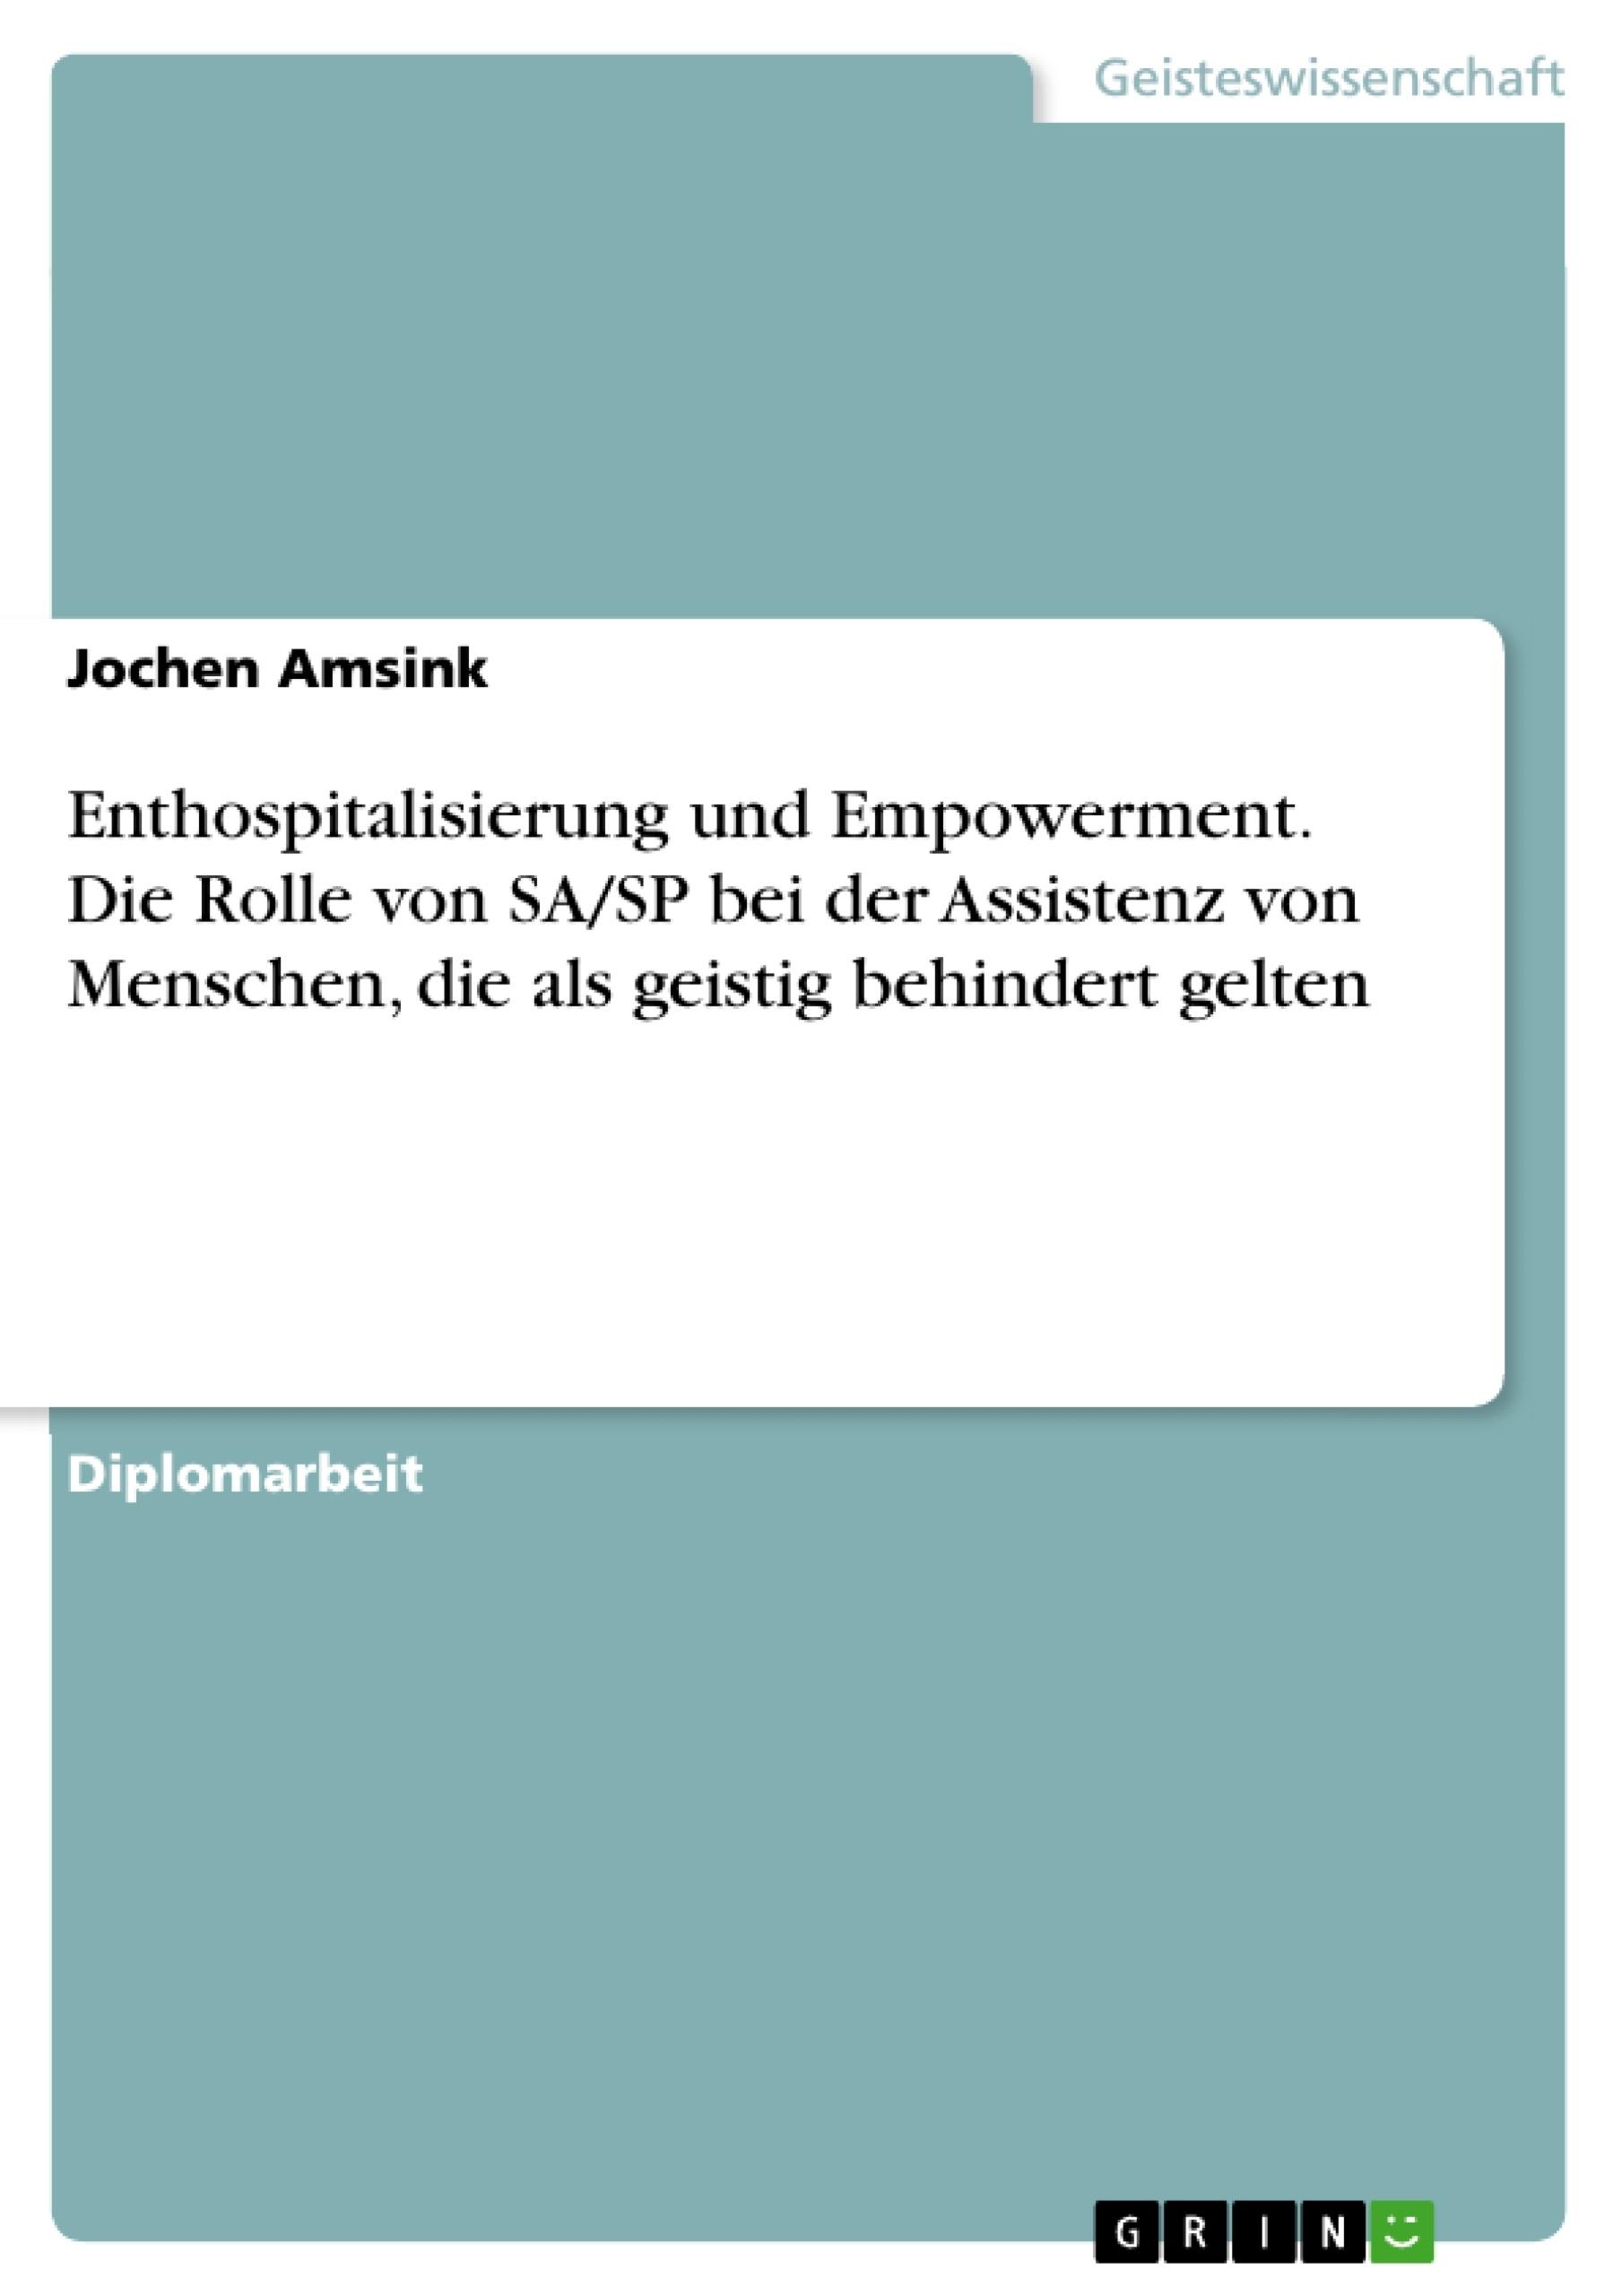 Titel: Enthospitalisierung und Empowerment. Die Rolle von SA/SP bei der Assistenz von Menschen, die als geistig behindert gelten